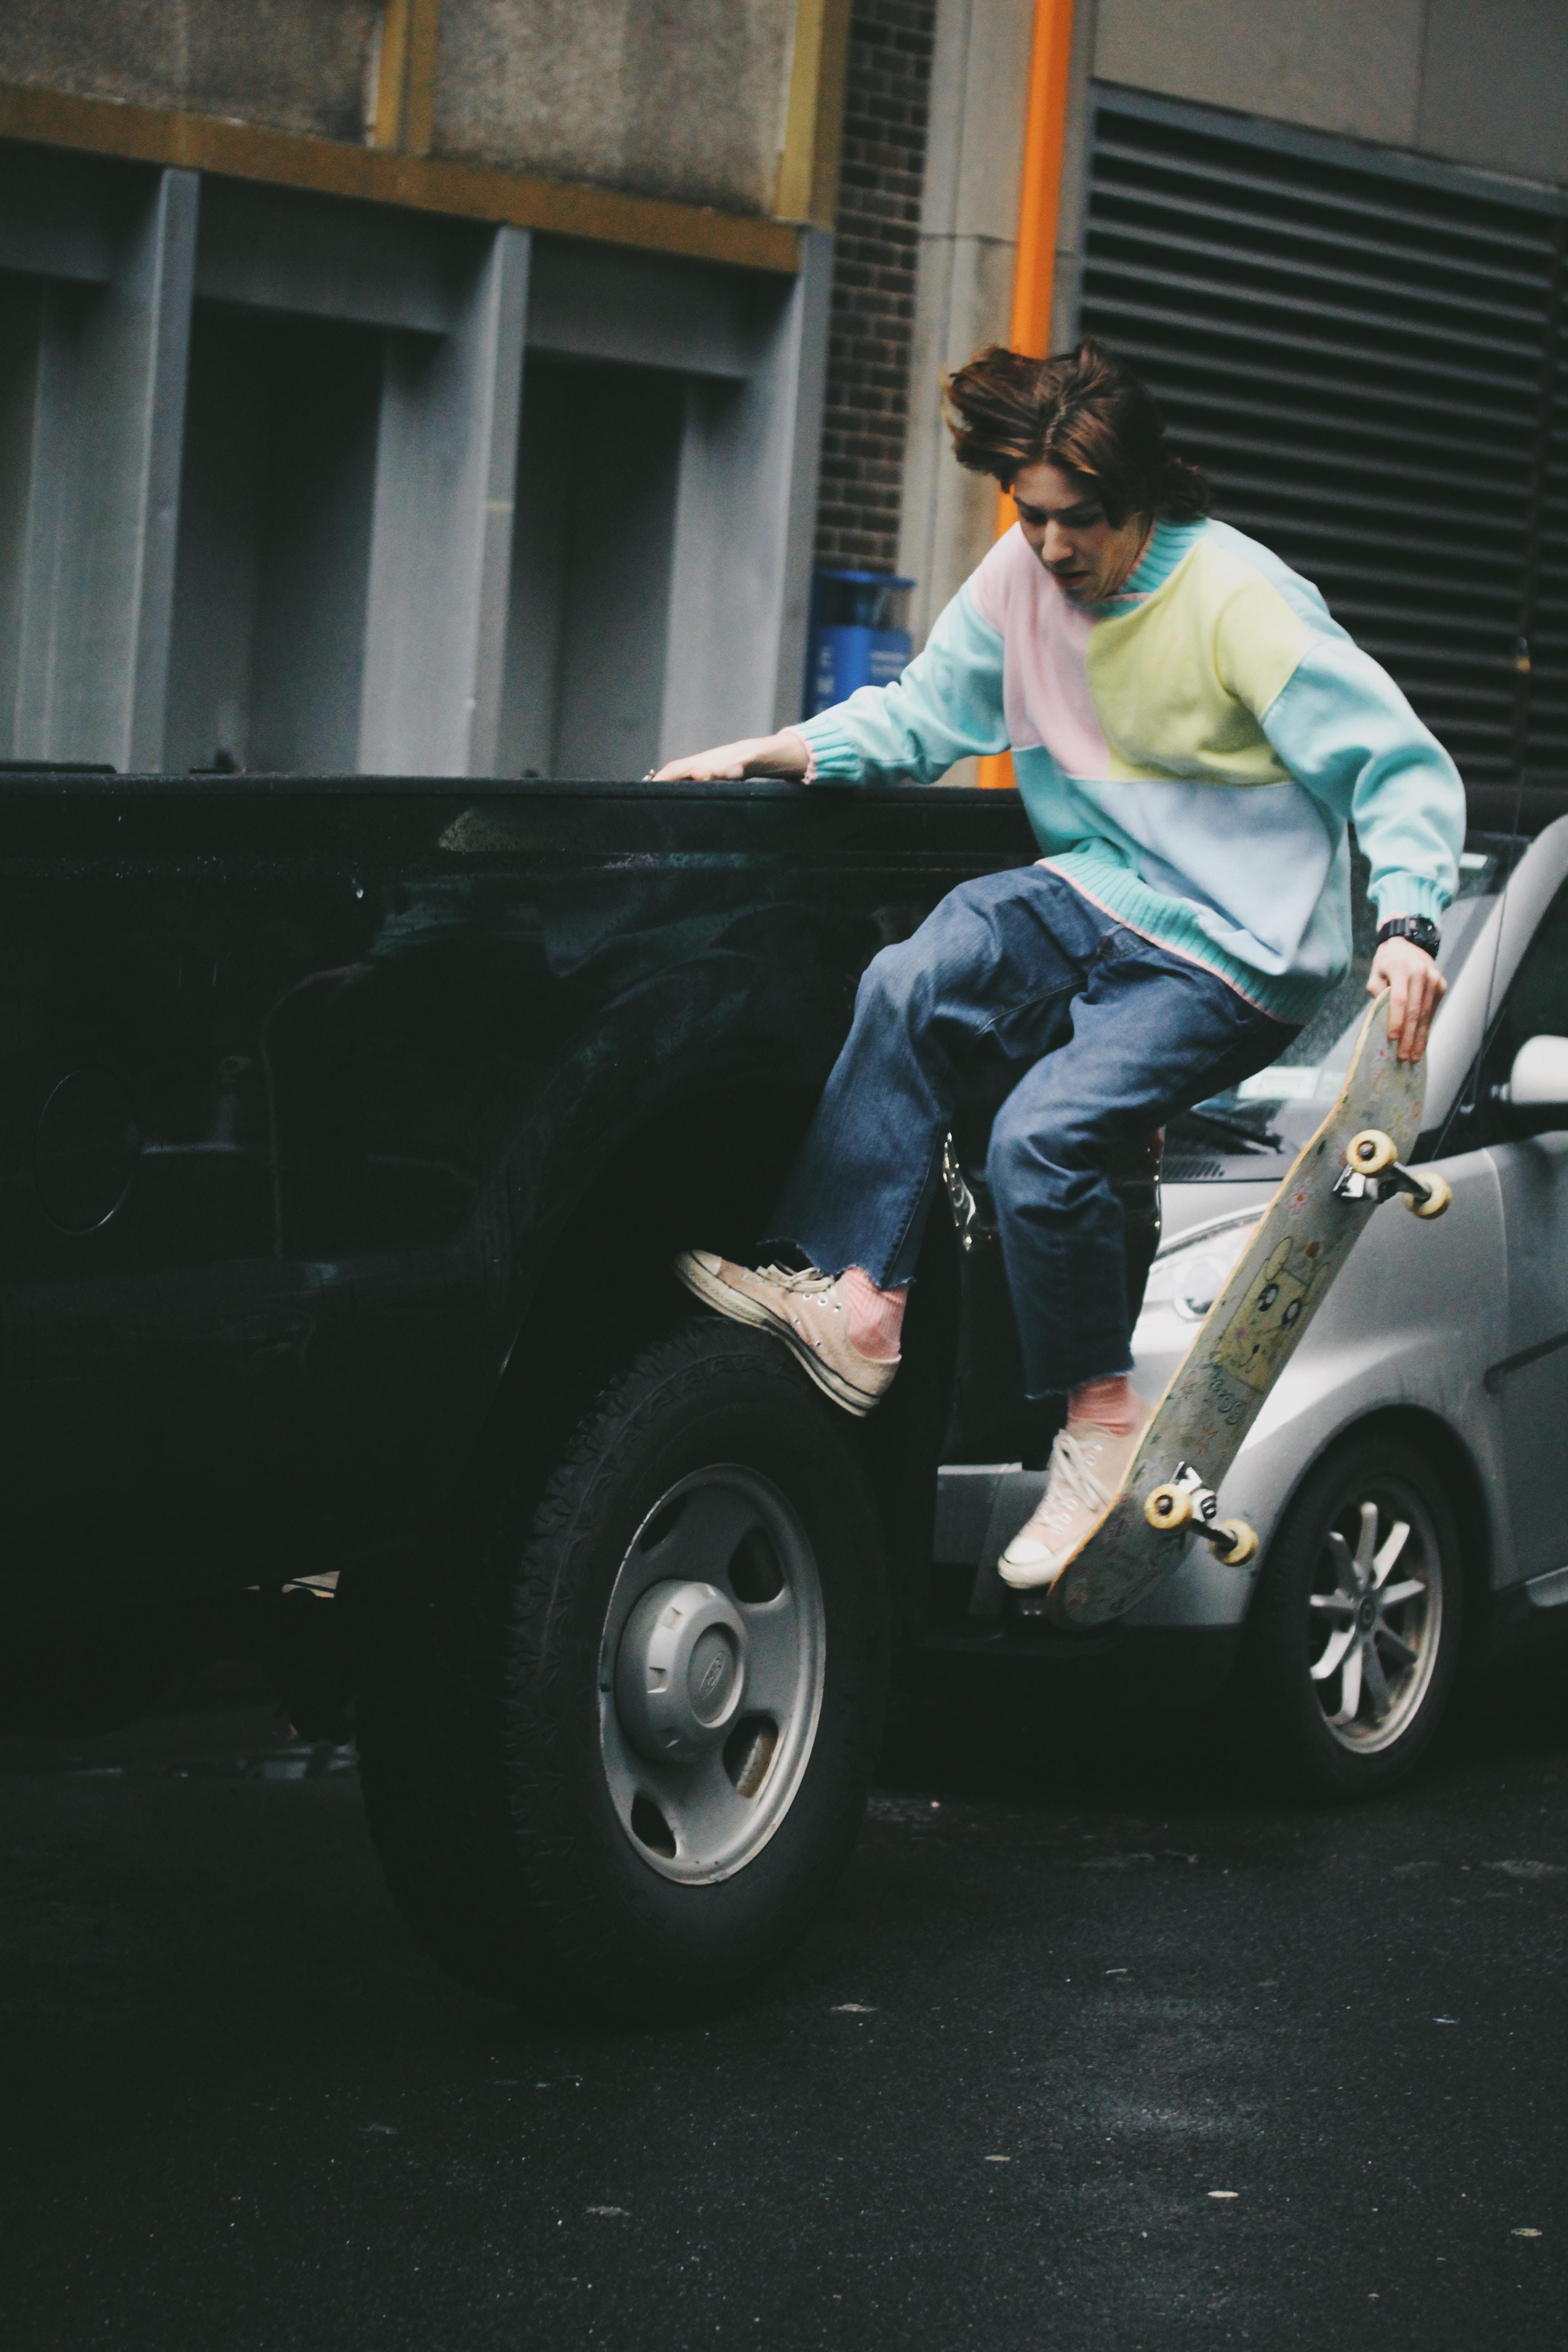 man skateboarding on truck